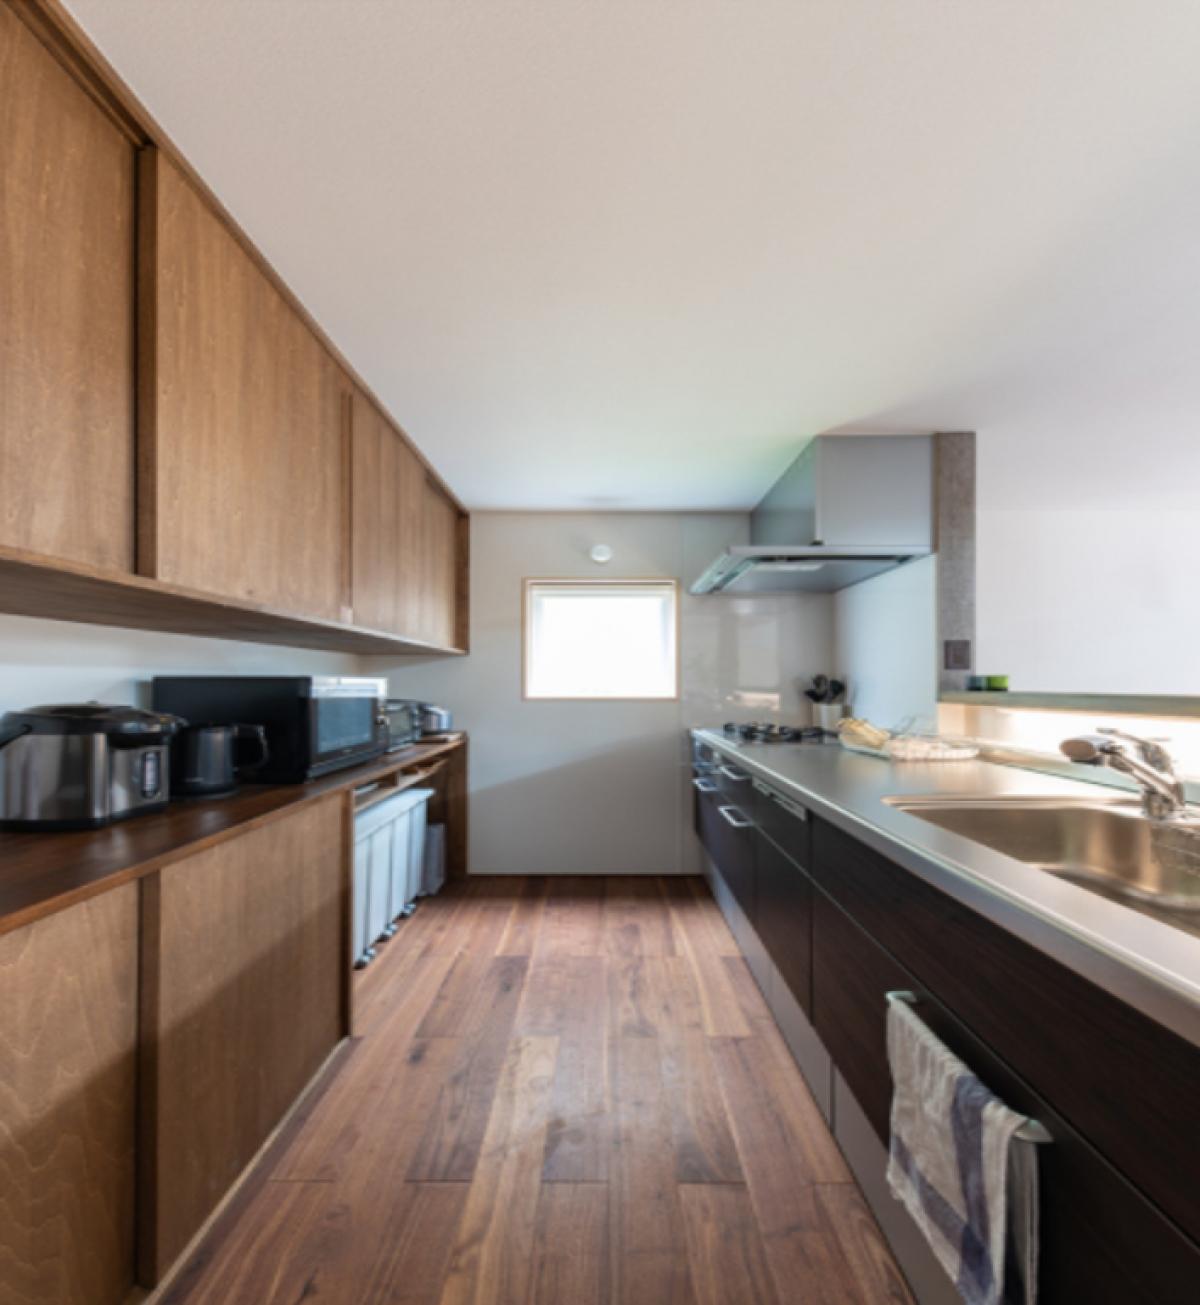 Căn bếp sử dụng nhiều chất liệu gỗ óc chó tự nhiên theo yêu cầu của gia chủ để phù hợp với nội thất căn nhà. Khu bếp cũng có nhiều không gian chứa đồ và được thiết kế chỗ để sọt rác kín. Thiết kế rất phù hợp và tiện dụng với gia chủ - một người yêu nấu ăn và dành nhiều thời gian cho công việc bếp núc.(Địa điểm nhà: Niigata, Nhật Bản)